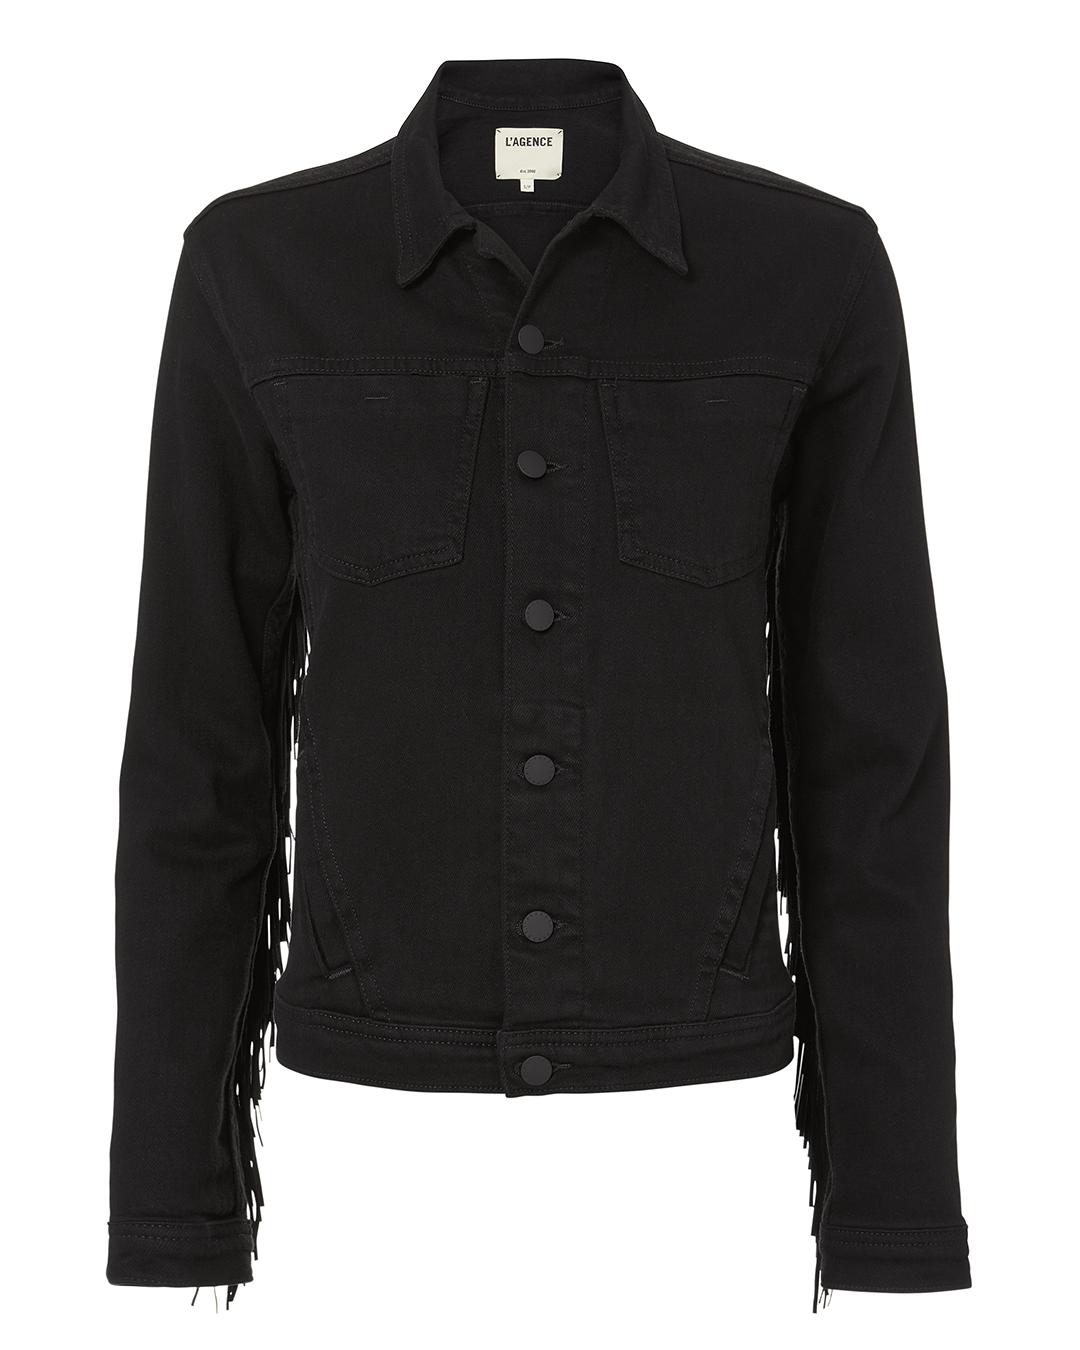 Celine Fringed Denim Jacket, Saturated Black